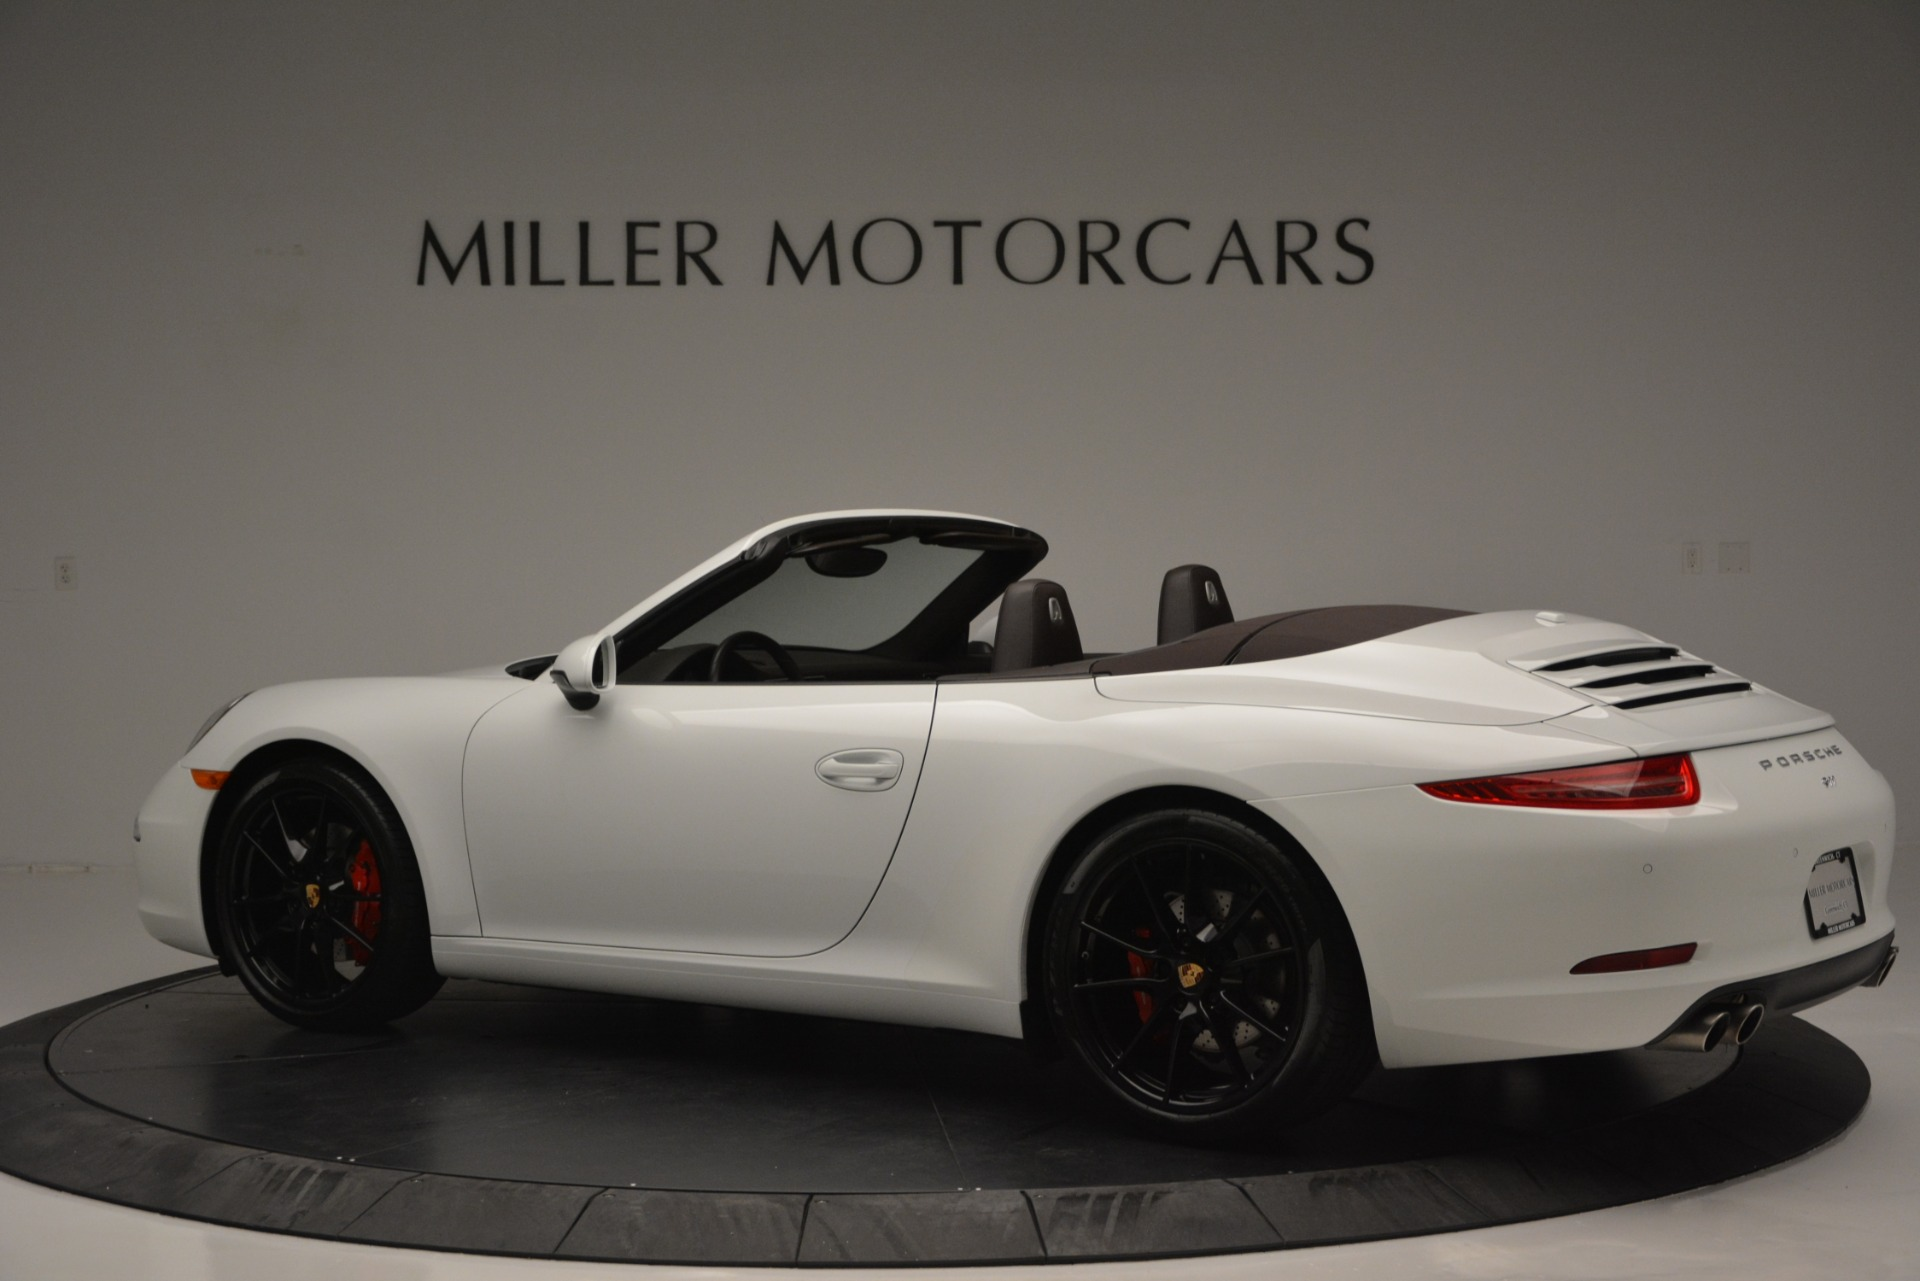 Used 2015 Porsche 911 Carrera S For Sale In Greenwich, CT 2578_p4